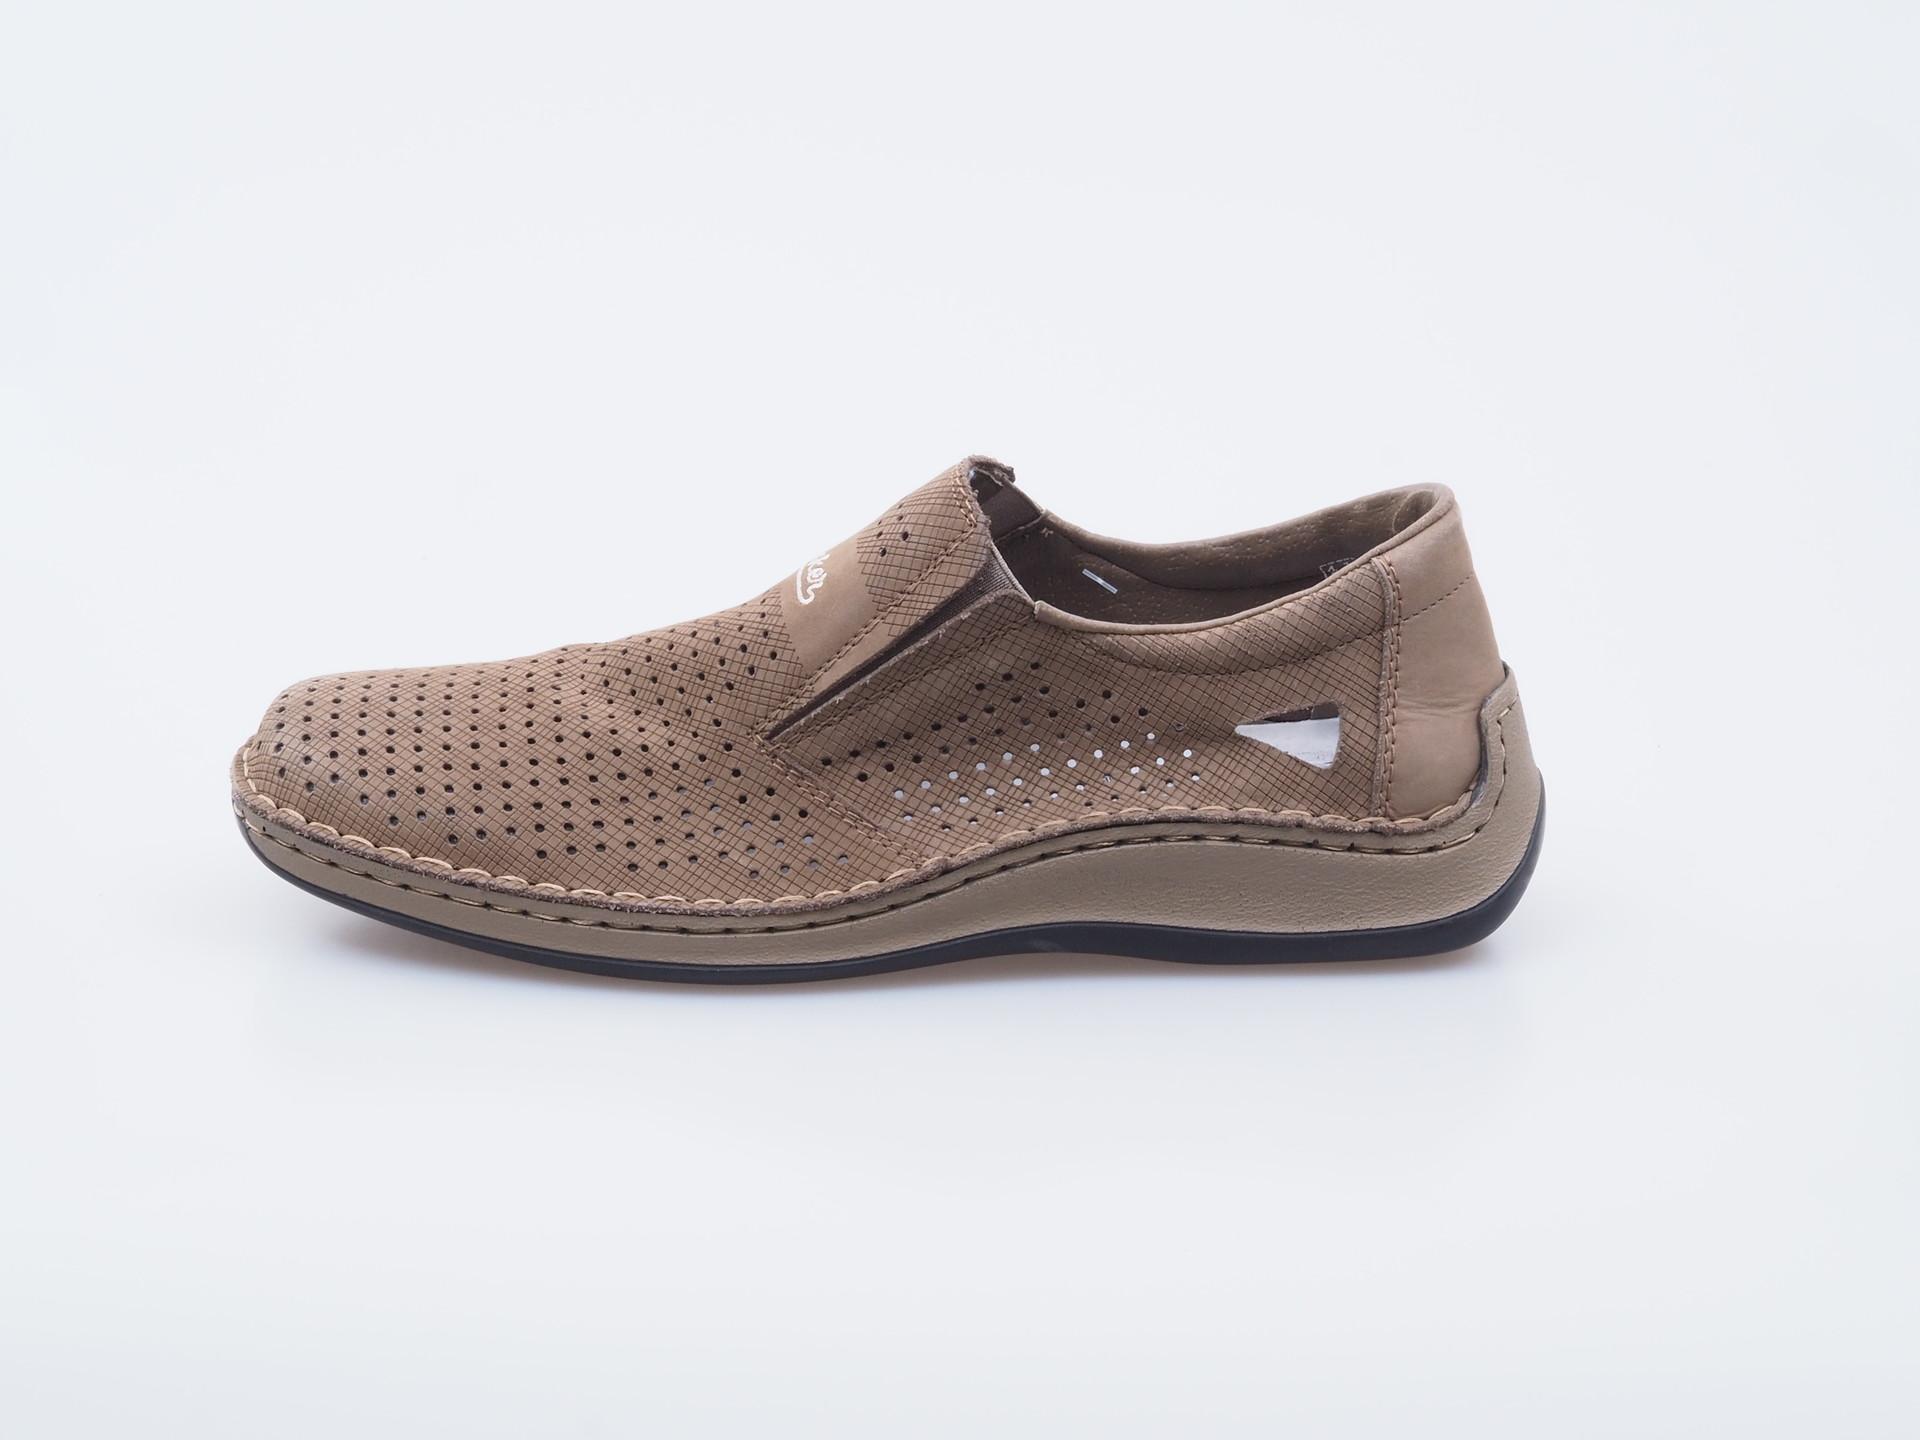 51c464a90bb2 Soňa - Pánska obuv - Sandále - Hnedé pánske mokasíny s perforáciou Rieker